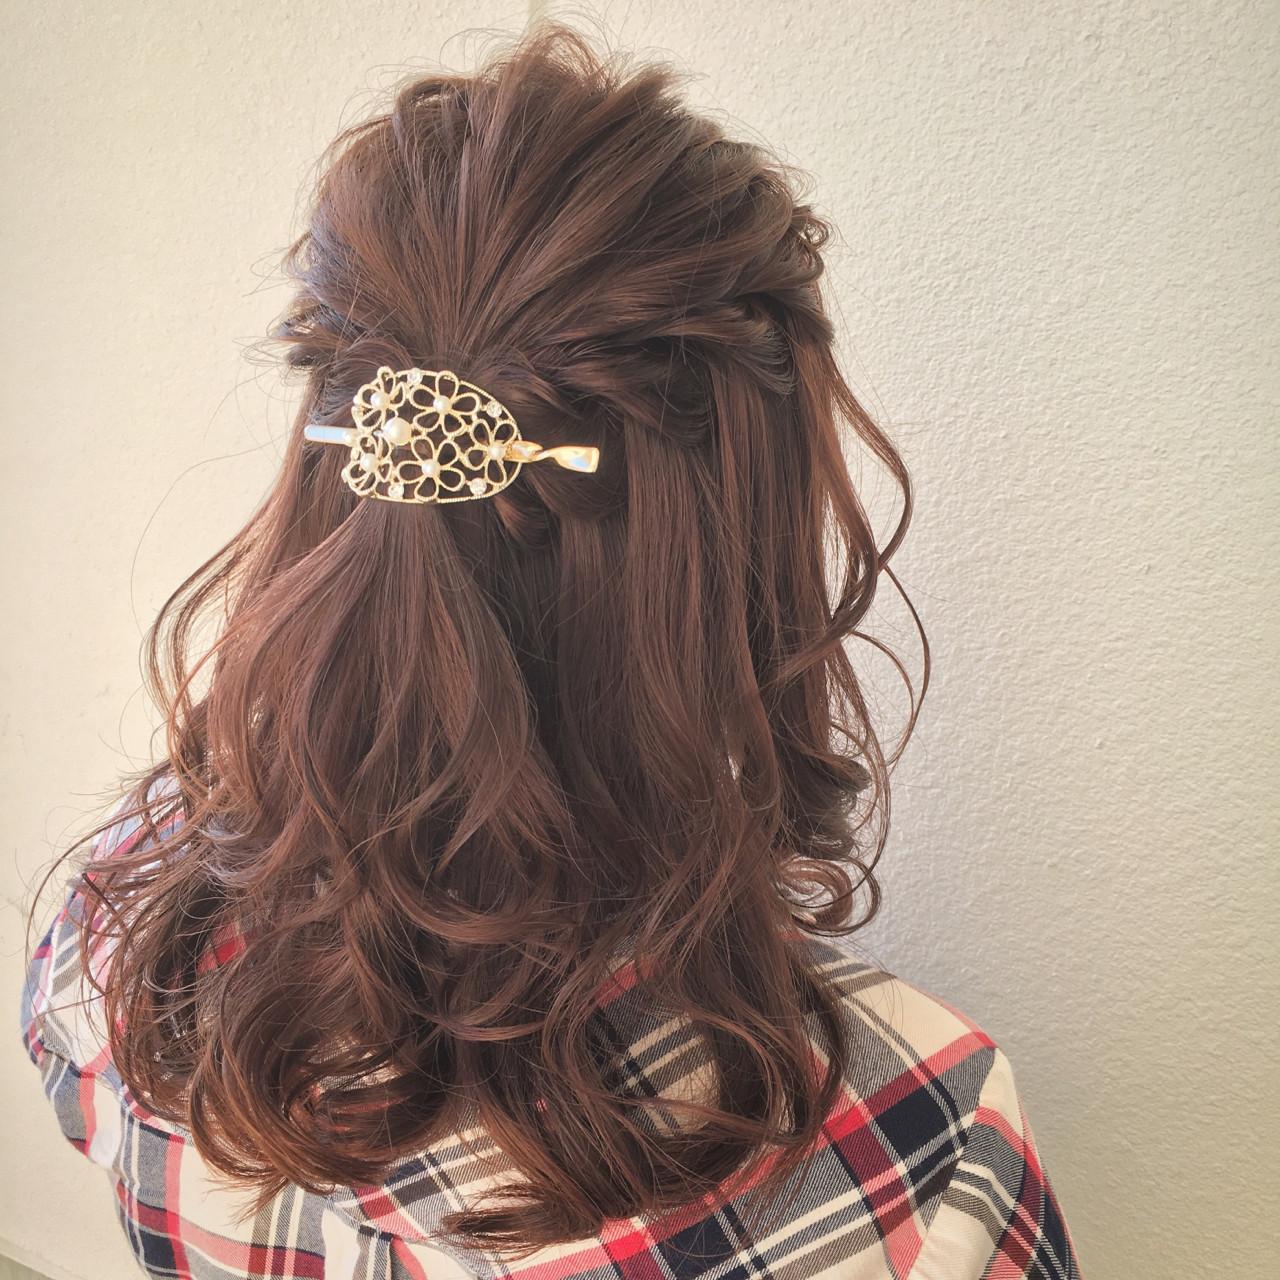 大人女子 ミディアム ヘアアクセ ヘアアレンジ ヘアスタイルや髪型の写真・画像